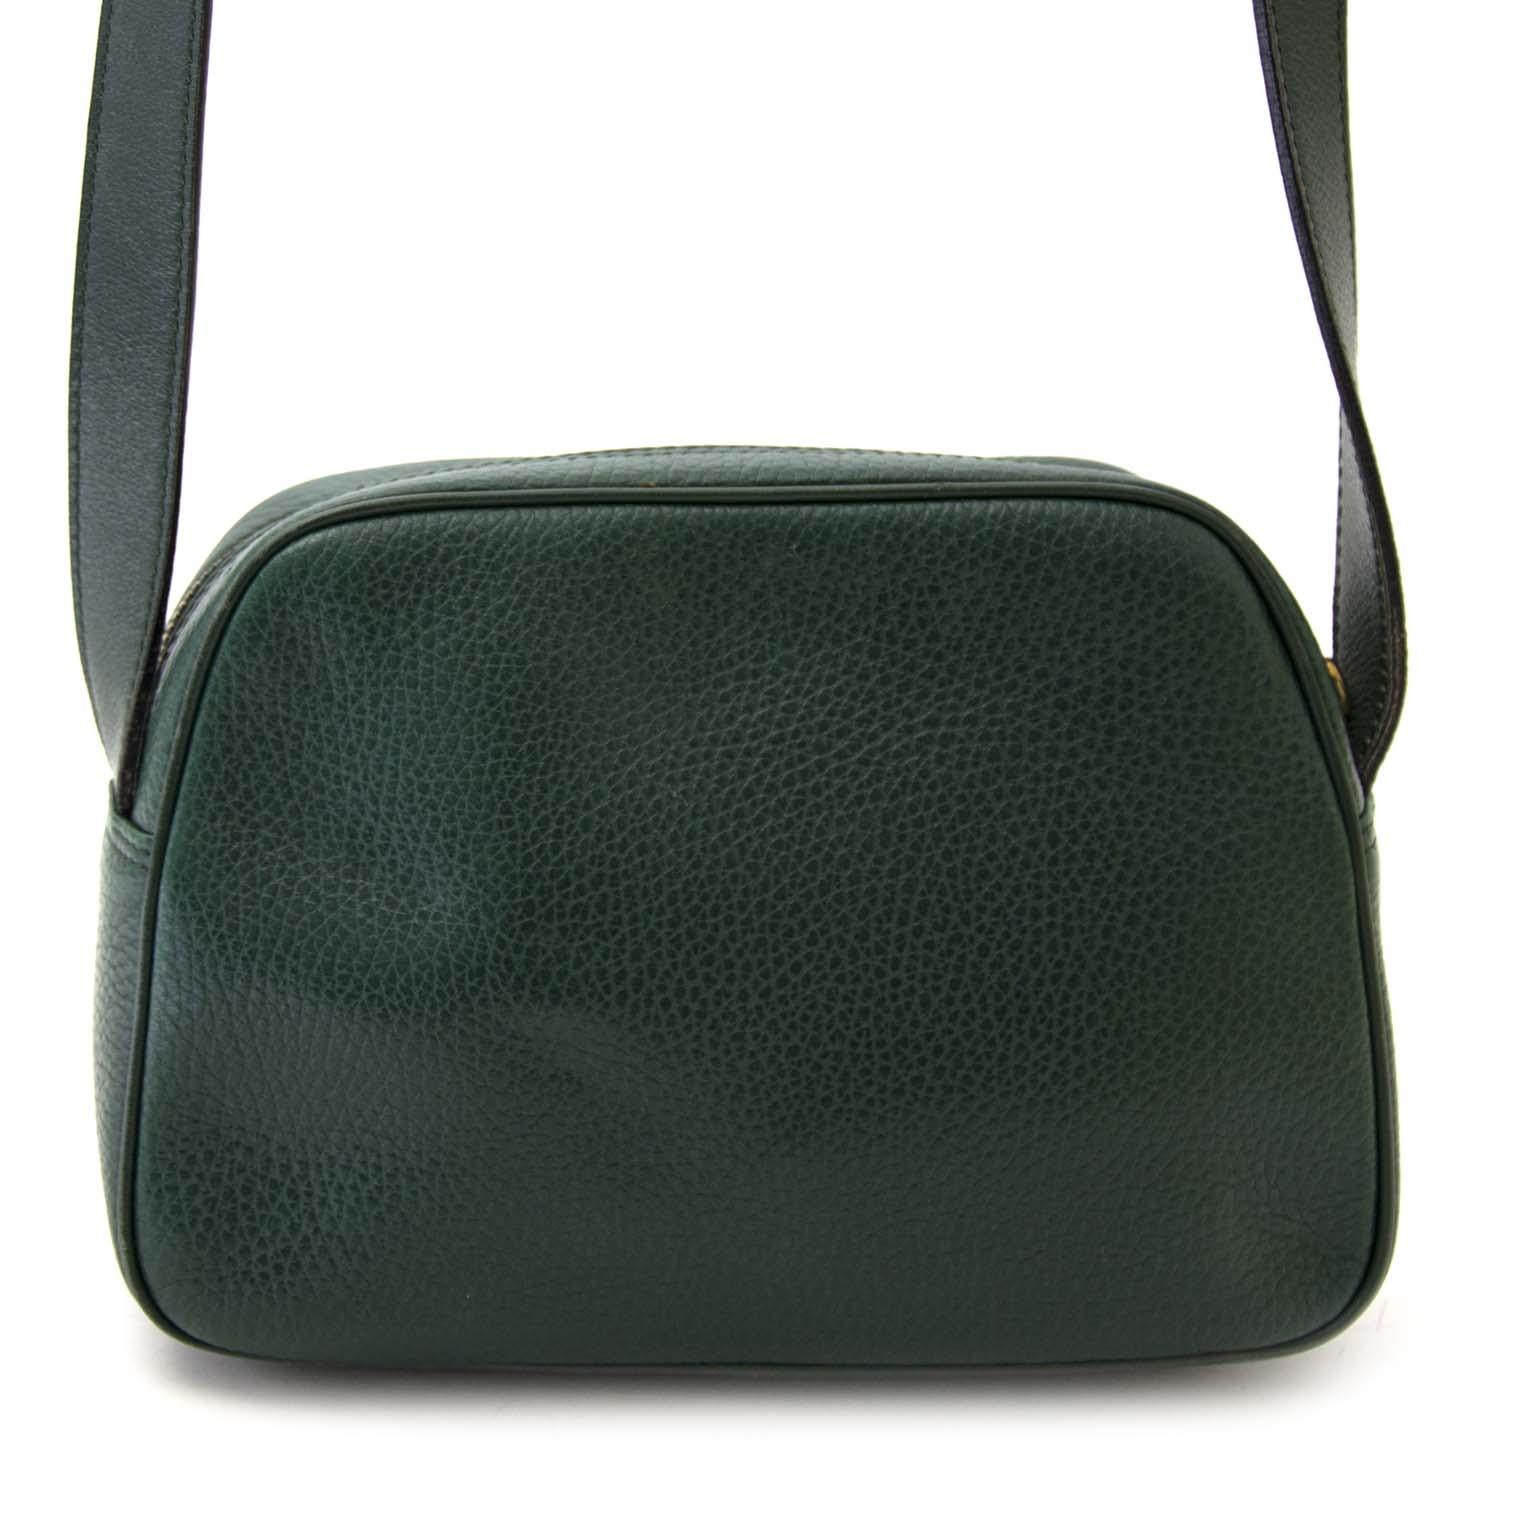 koop veilig online aan de beste prijs Céline Green Leather Crossbody Bag